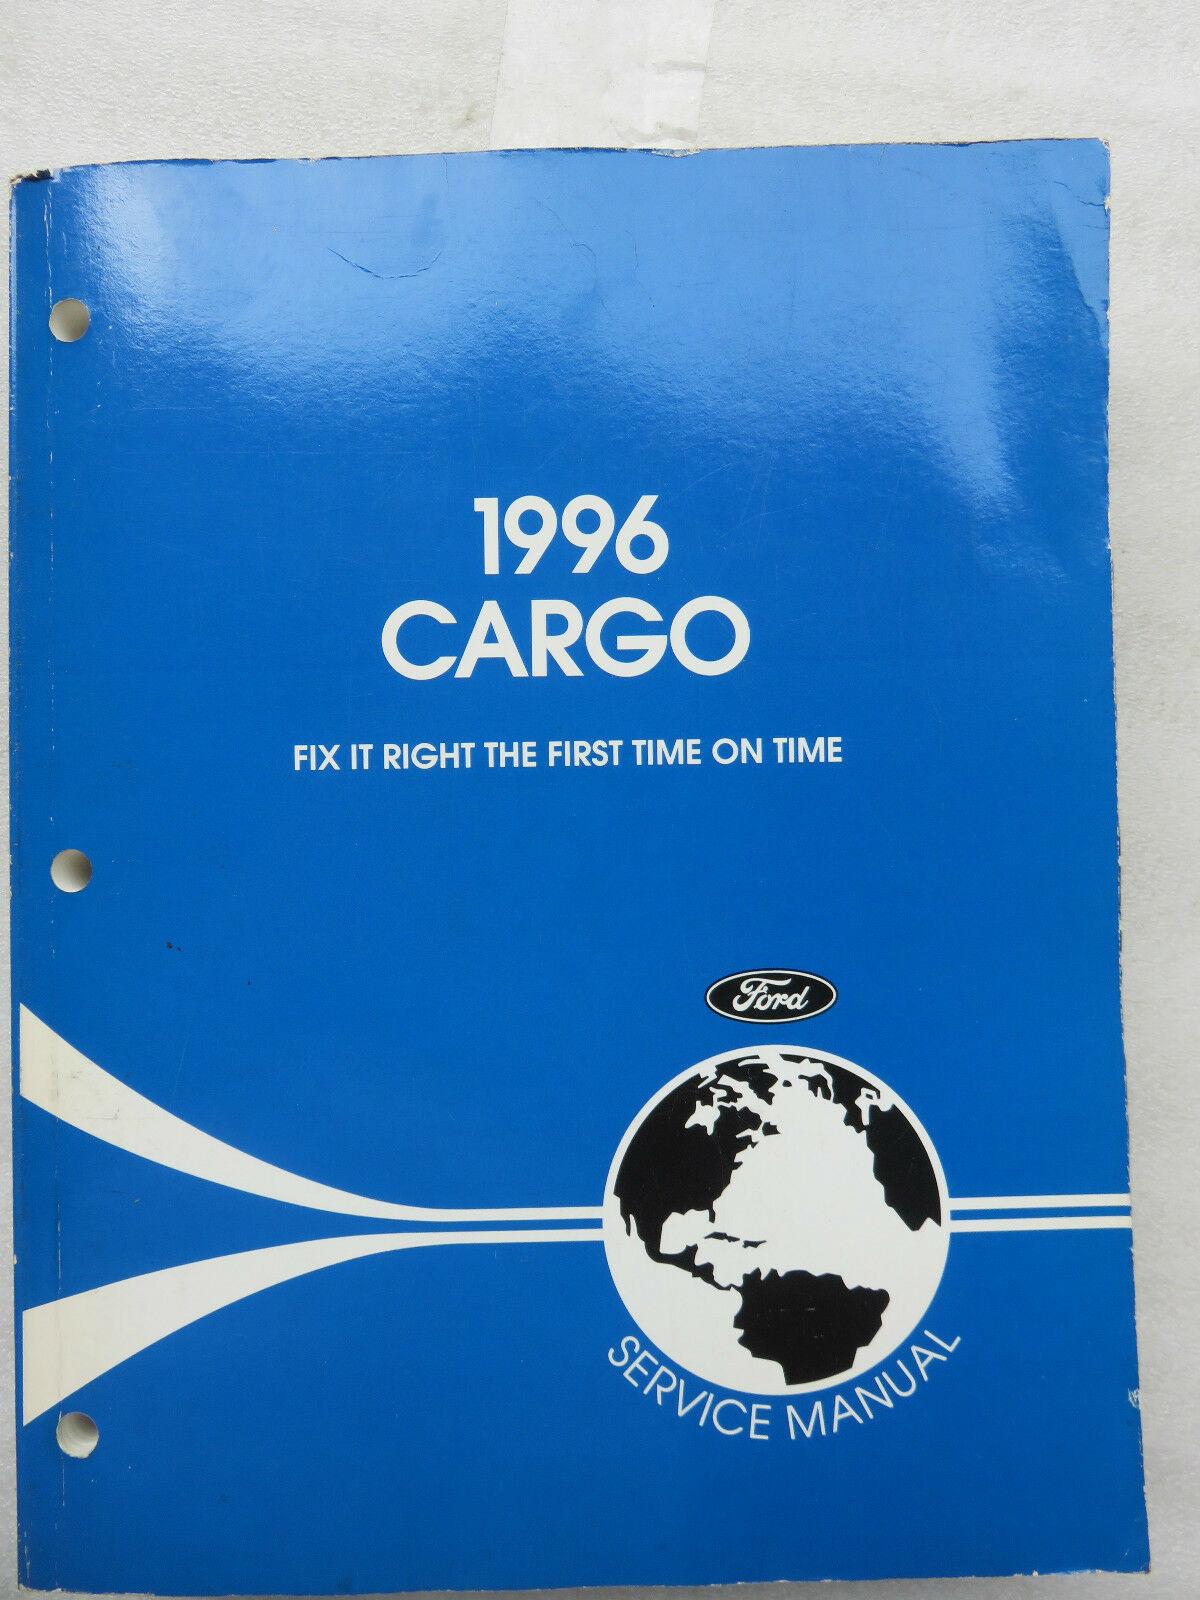 1996 Ford Cargo Service Manual OEM Factory Workshop Dealership - $11.43